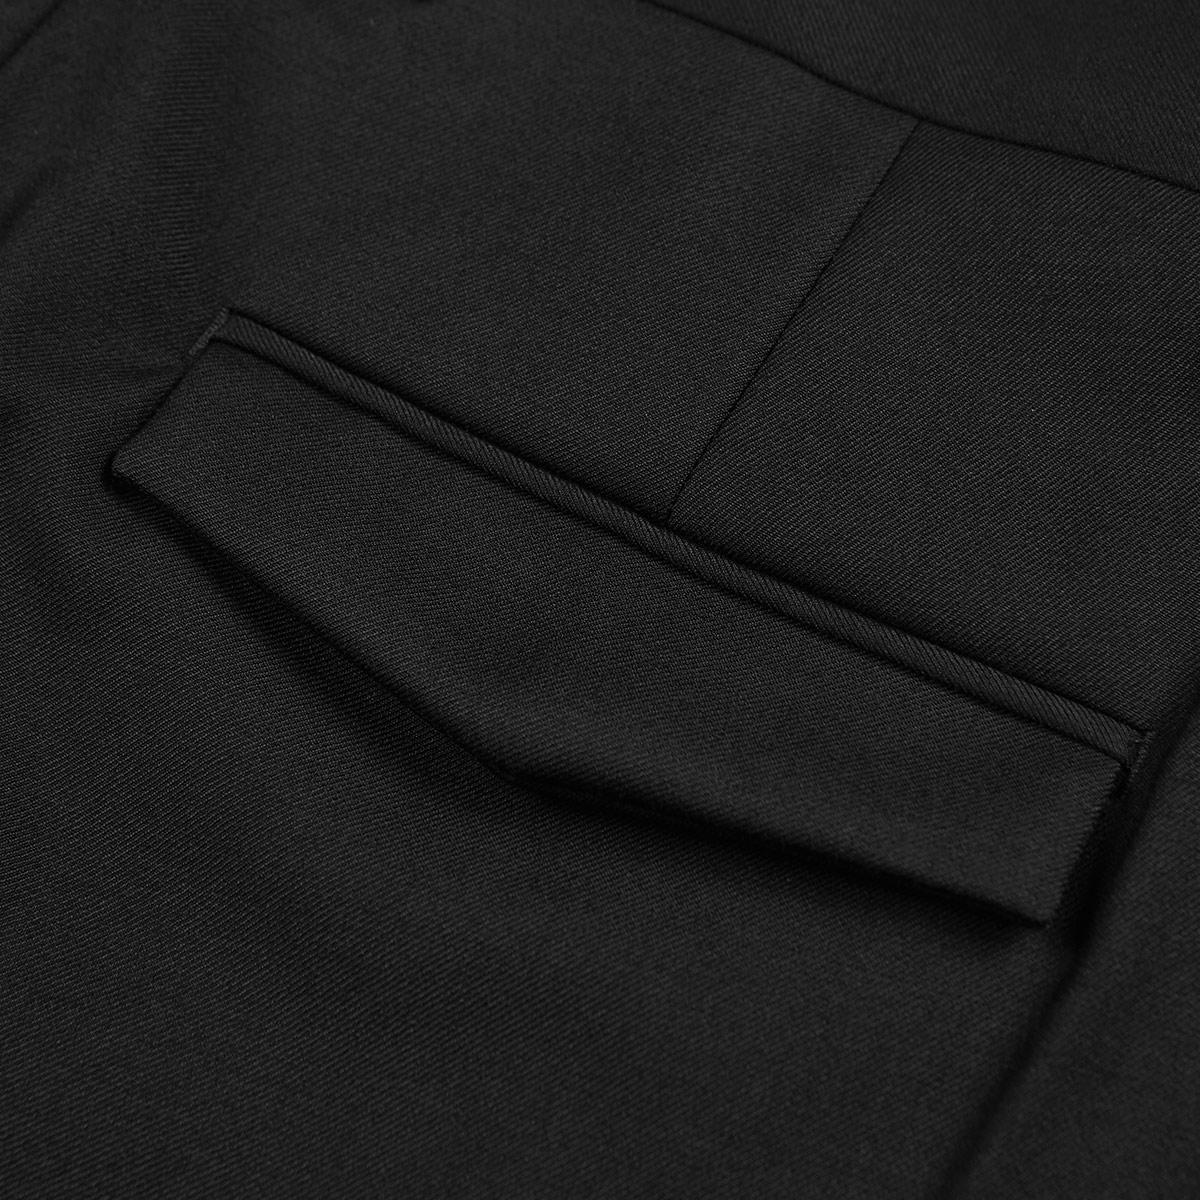 Классические брюки Птица повседневные брюки Новый мир мужской Мужской корейской версии черный тонкий подходят длинные брюки мужские брюки прилив прямой цилиндр мужские